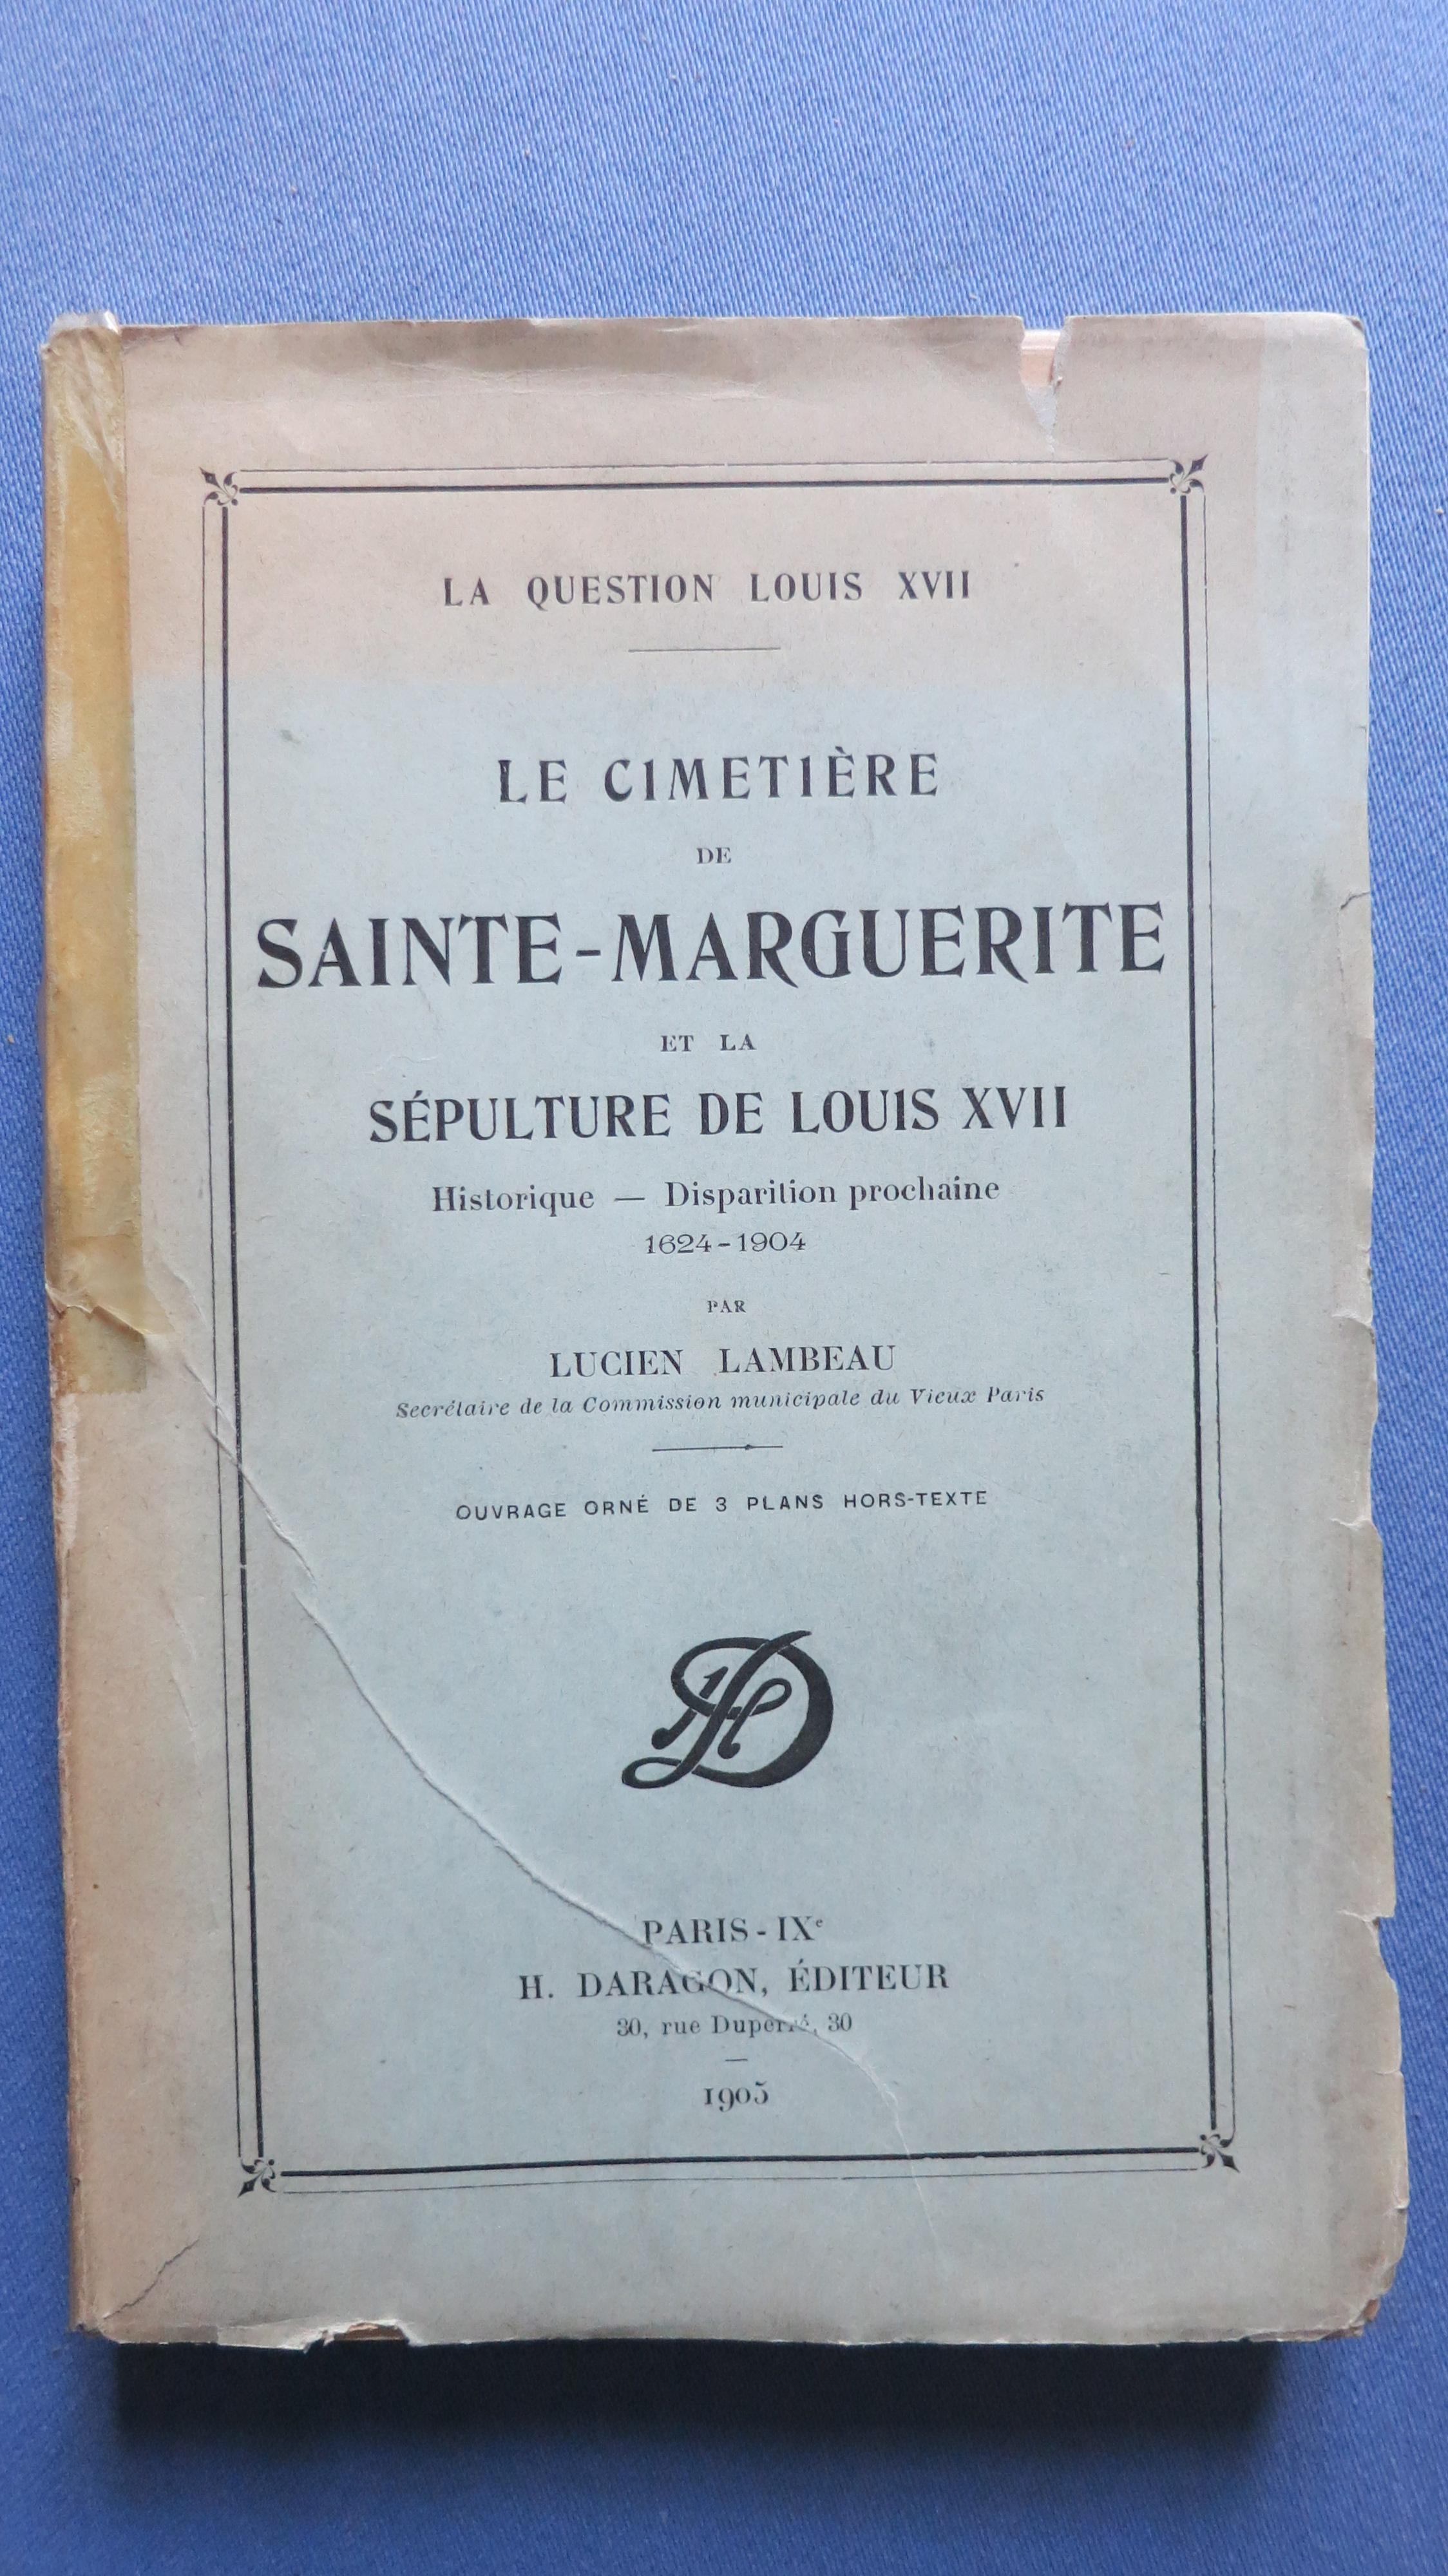 Le cimetière de Sainte-Marguerite et la sépulture de Louis XVII